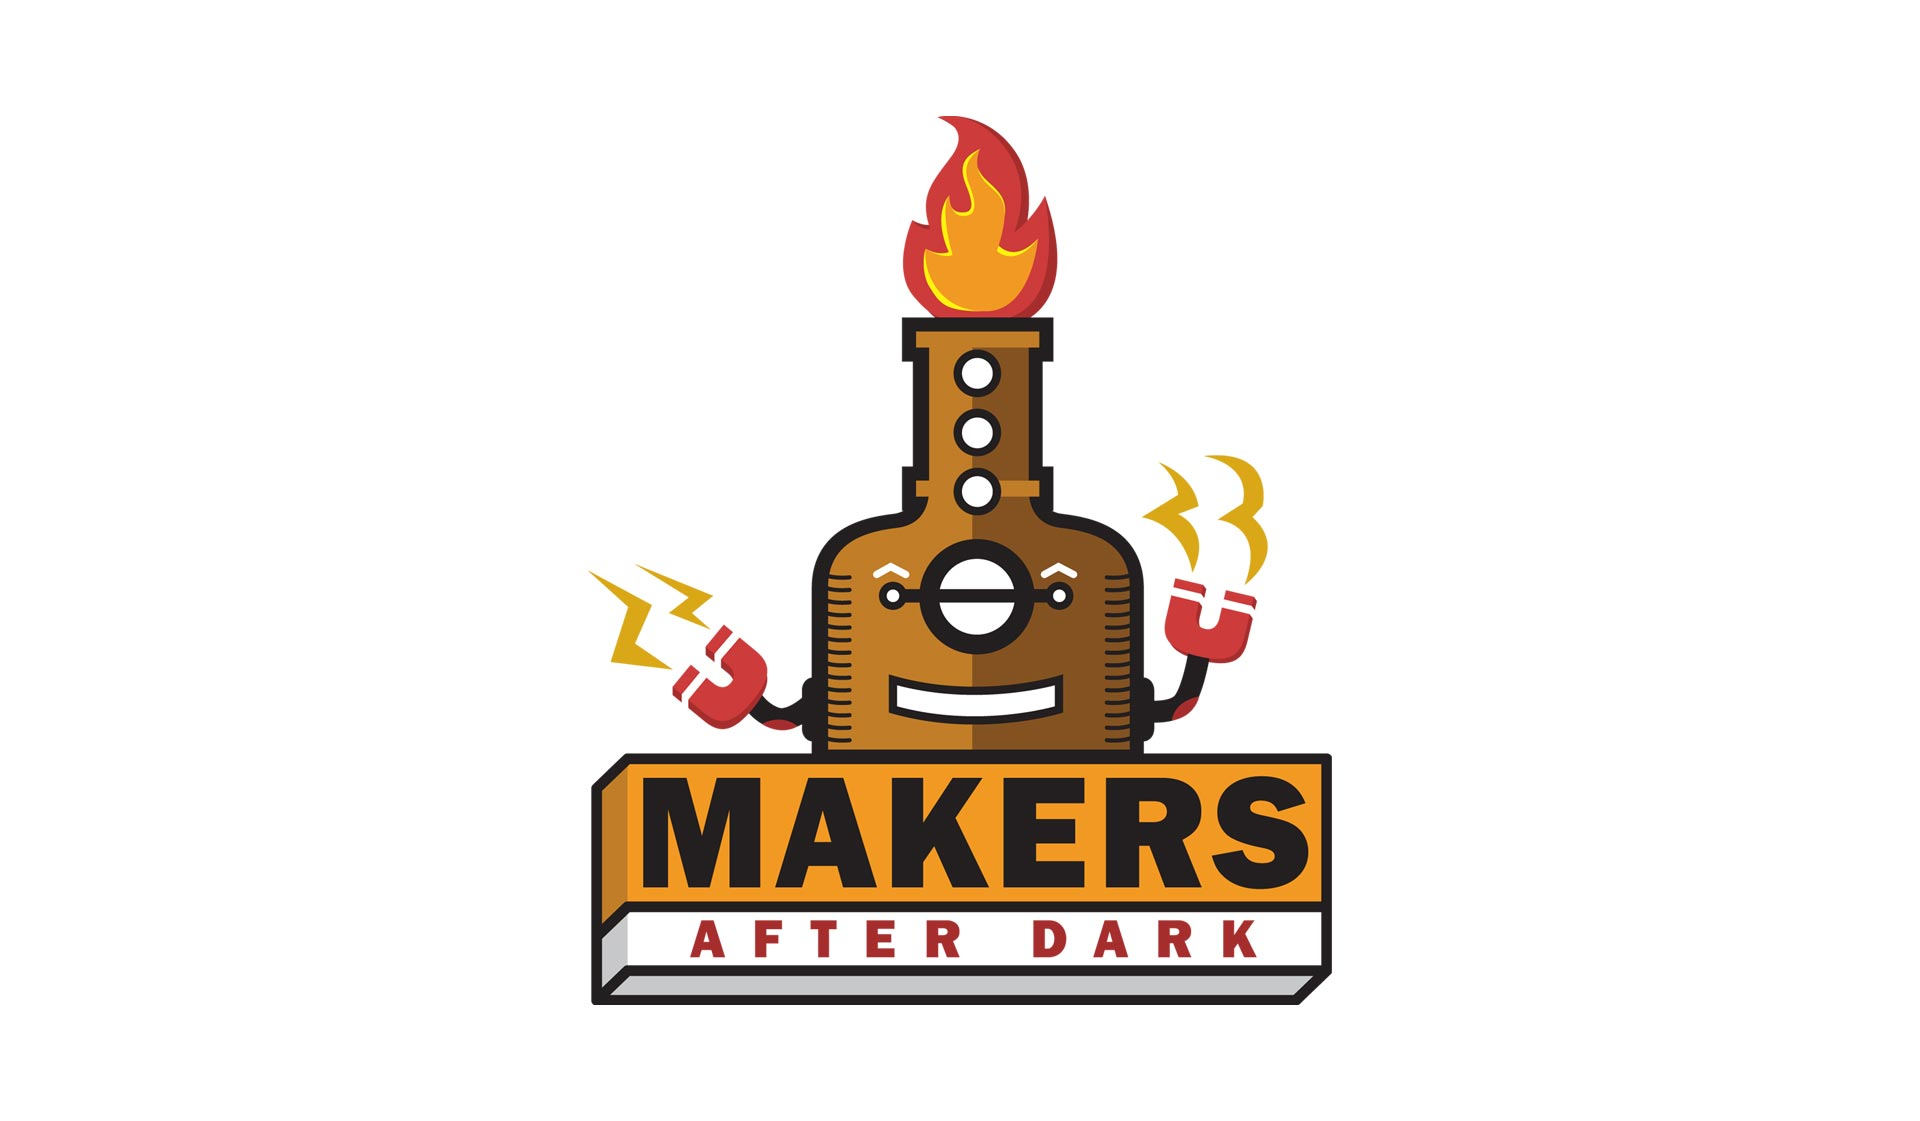 Makers After Dark Branding